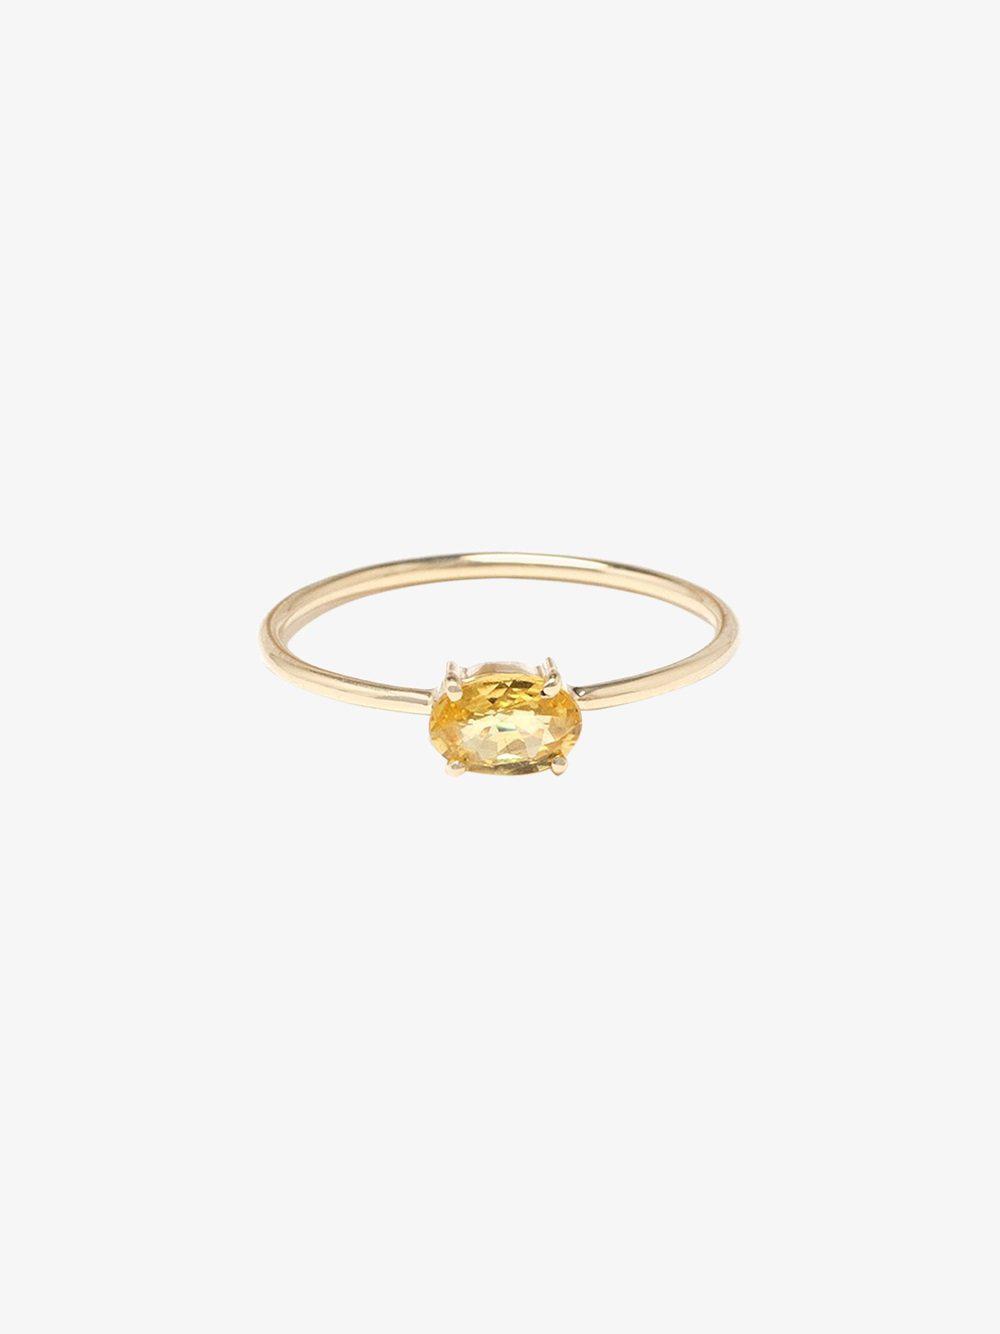 Ileana Makri Single Stone Ring in Metallics waxmBvS